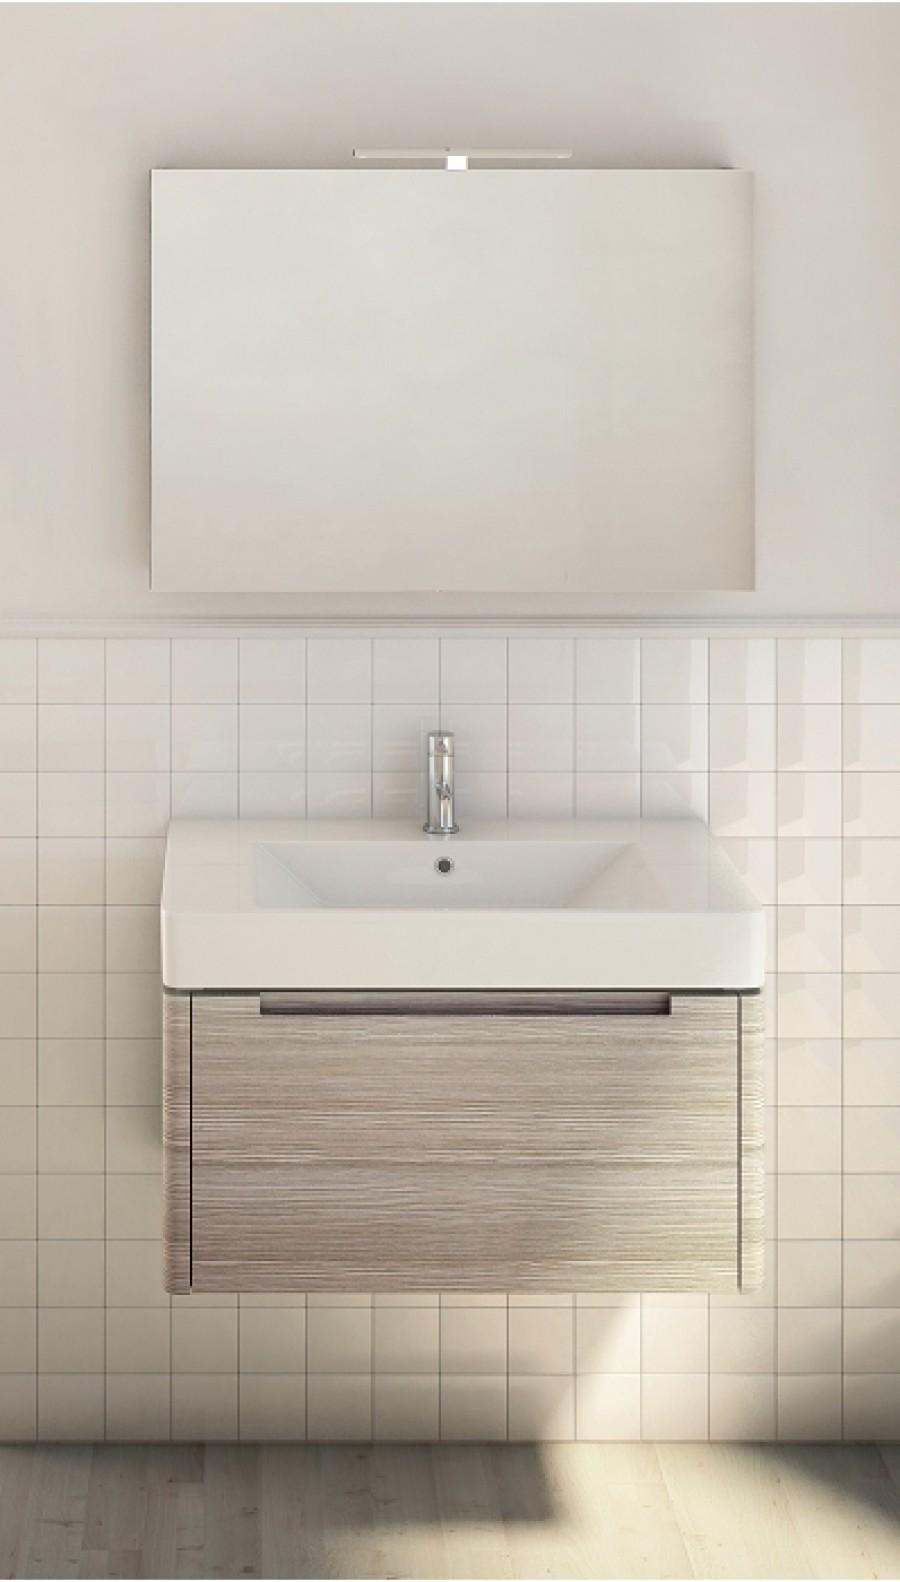 Meuble simple vasque 80cm otto adattocasa for Otto s yverdon meubles